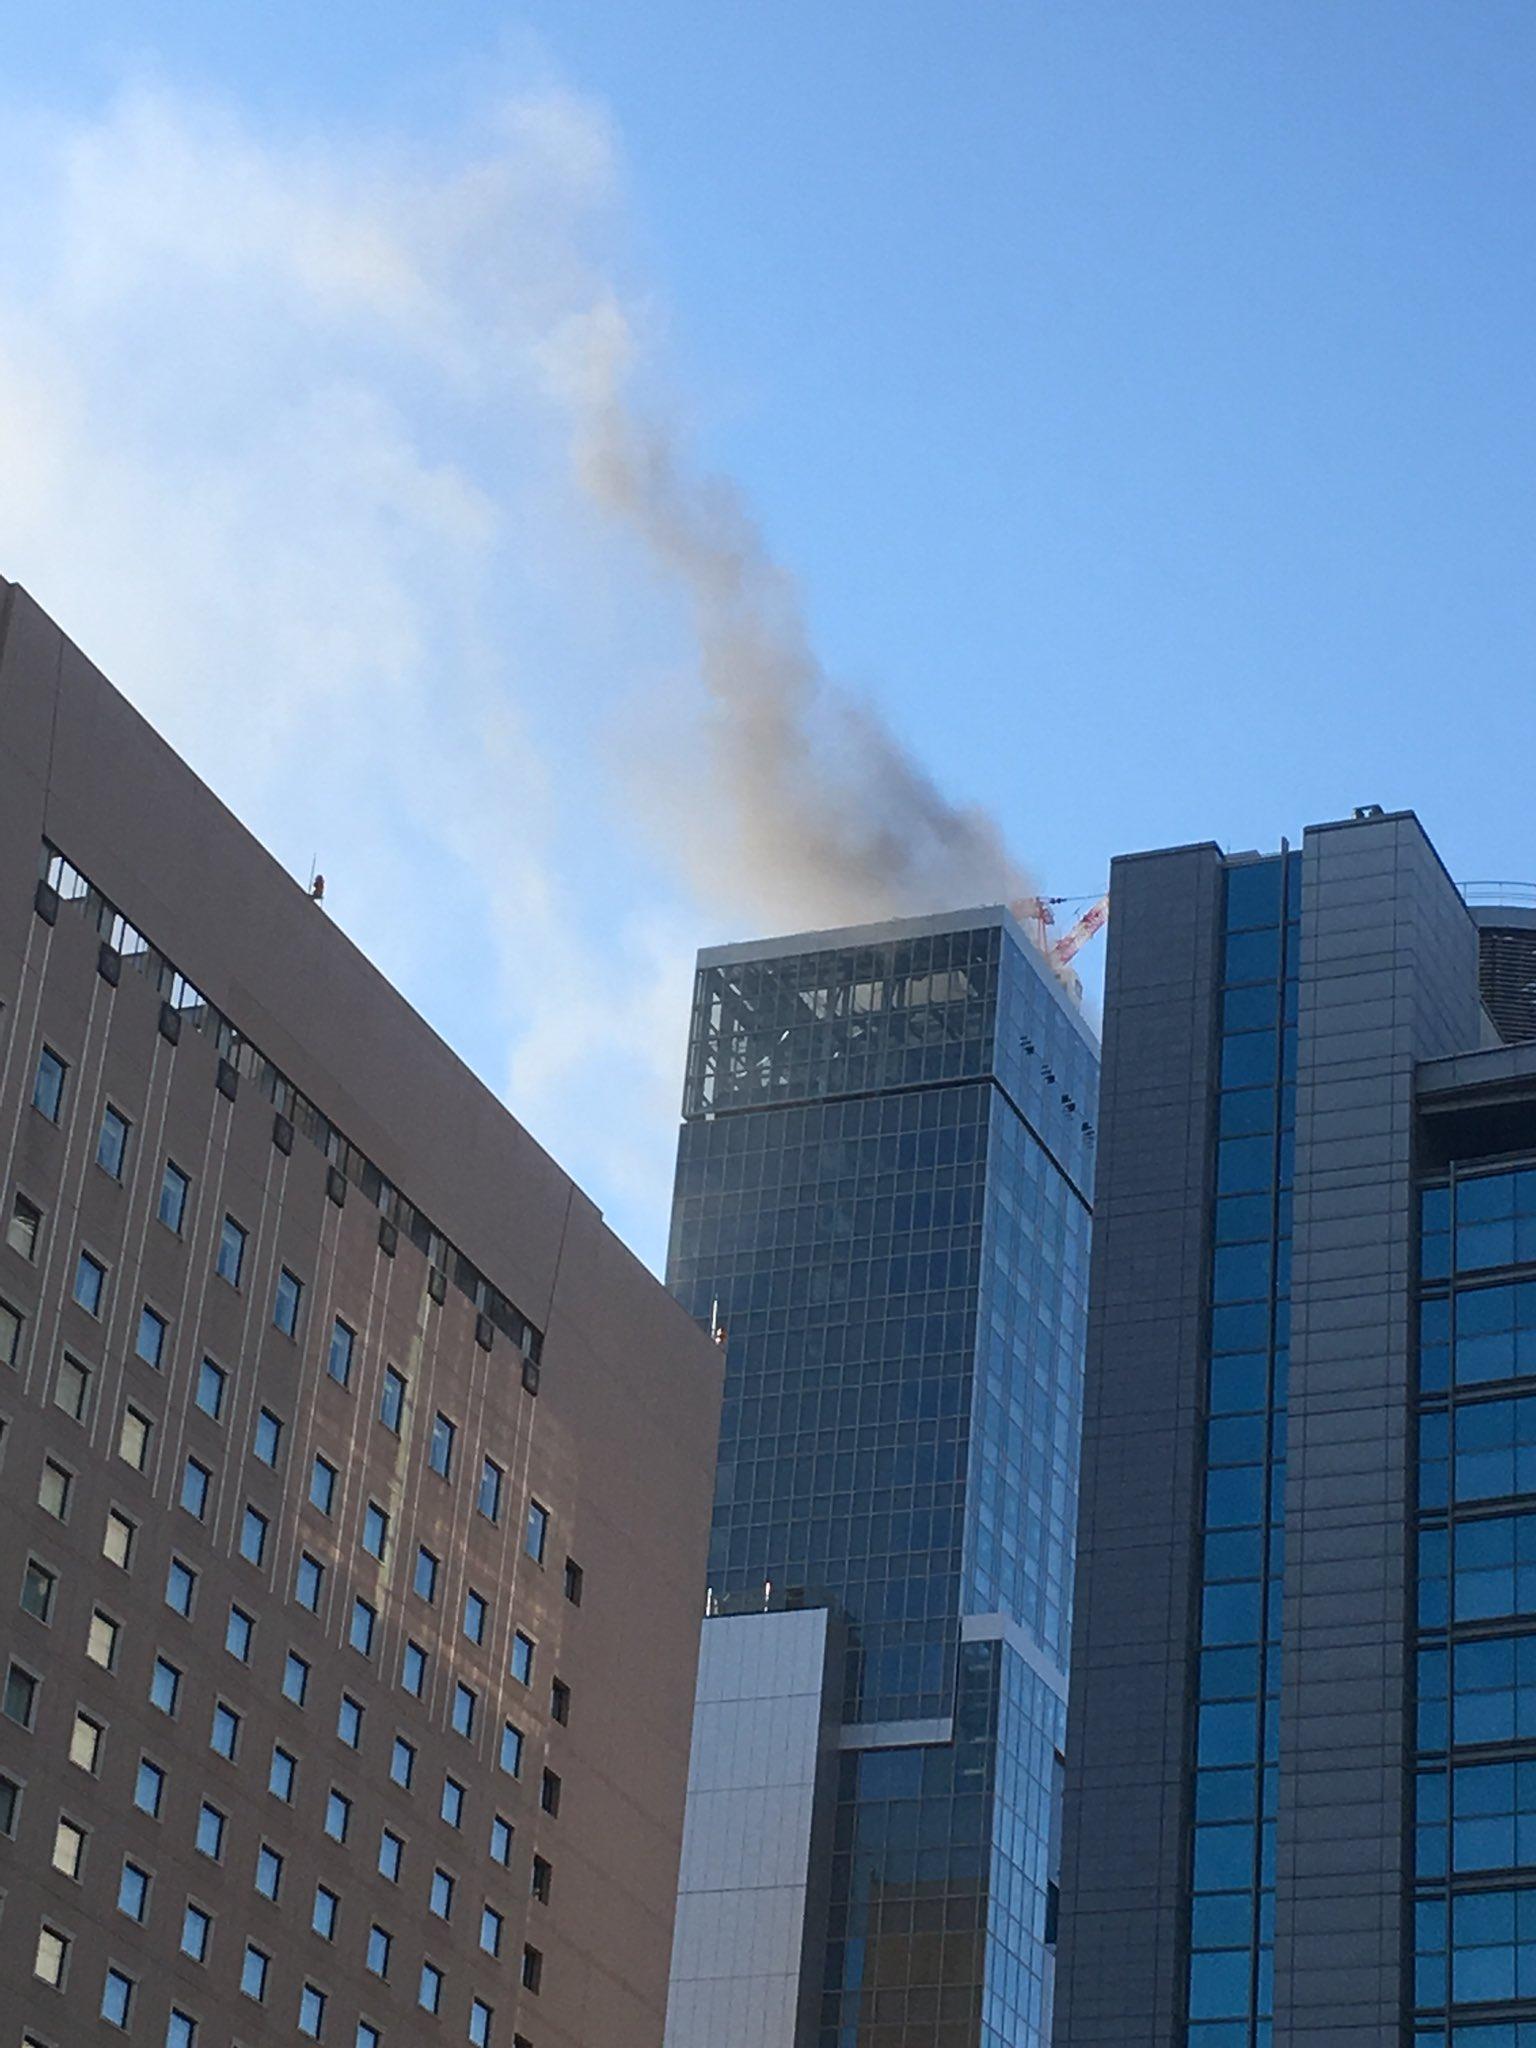 画像,至近距離で火事w内幸町の完成間近のビルだわさ https://t.co/fuX34HBNZK。